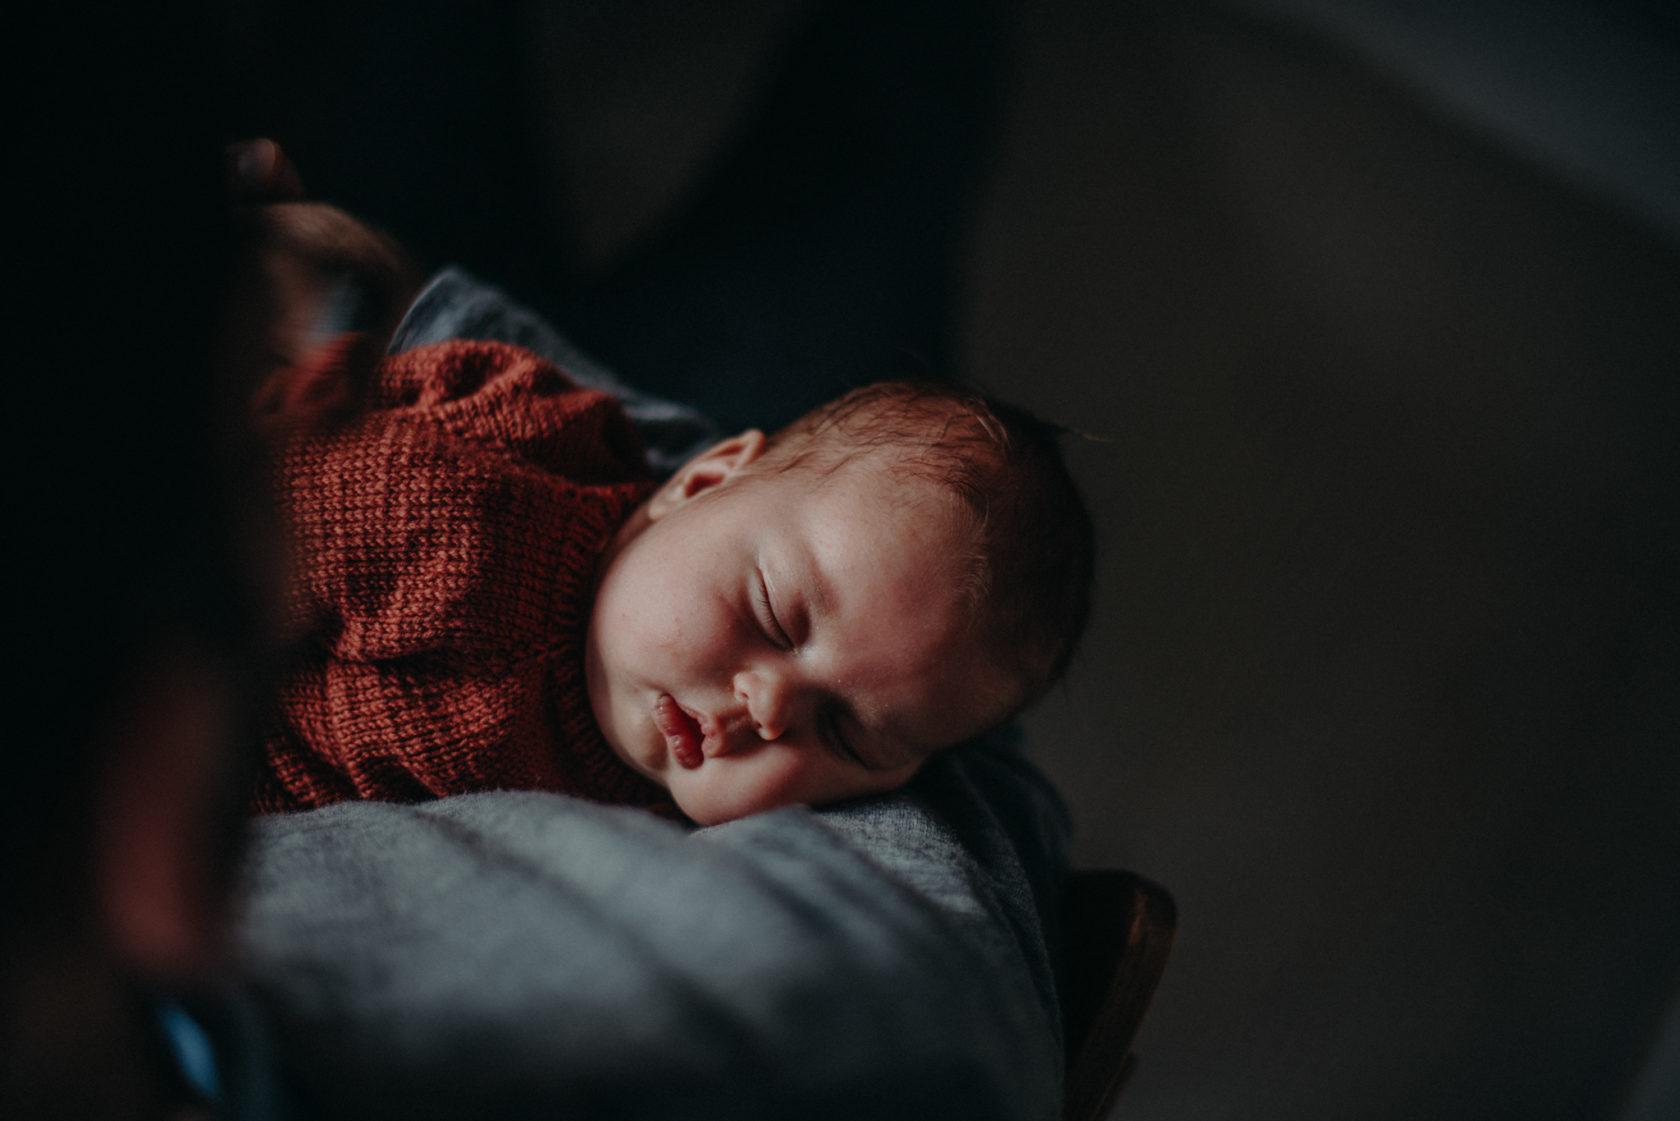 Natürliches Neugeborenenfoto von Baby im Arm der Mutter entstanden bei einem Babyfotoshooting Zuhause im Wochenbett in Freiburg